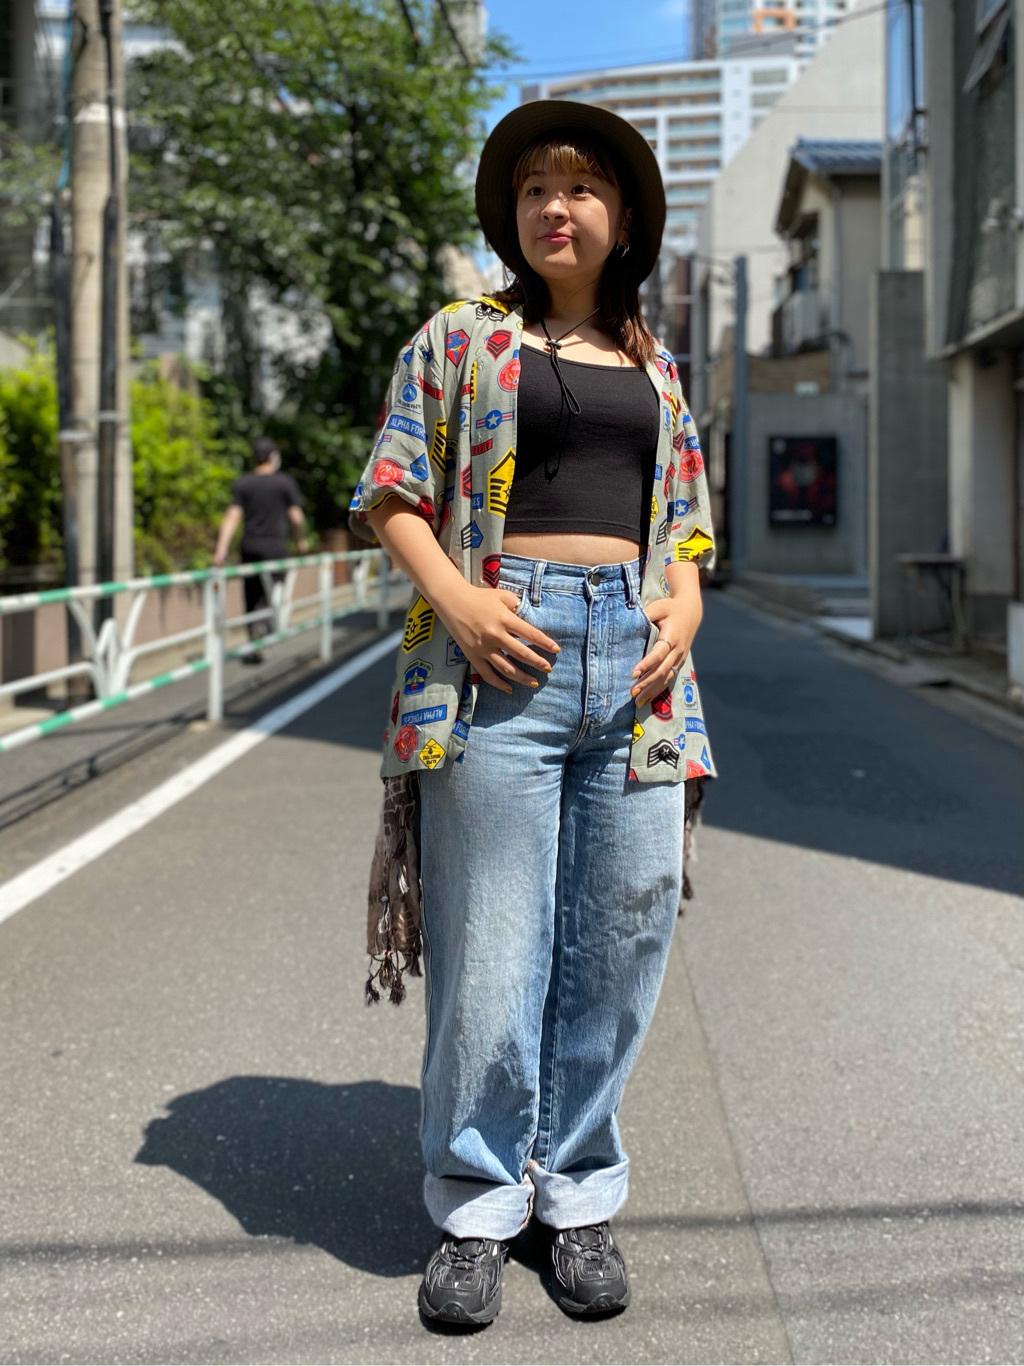 ALPHA SHOP渋谷店のn a n a s a さんのALPHAの【SALE】総柄 レーヨンオープンカラーシャツを使ったコーディネート